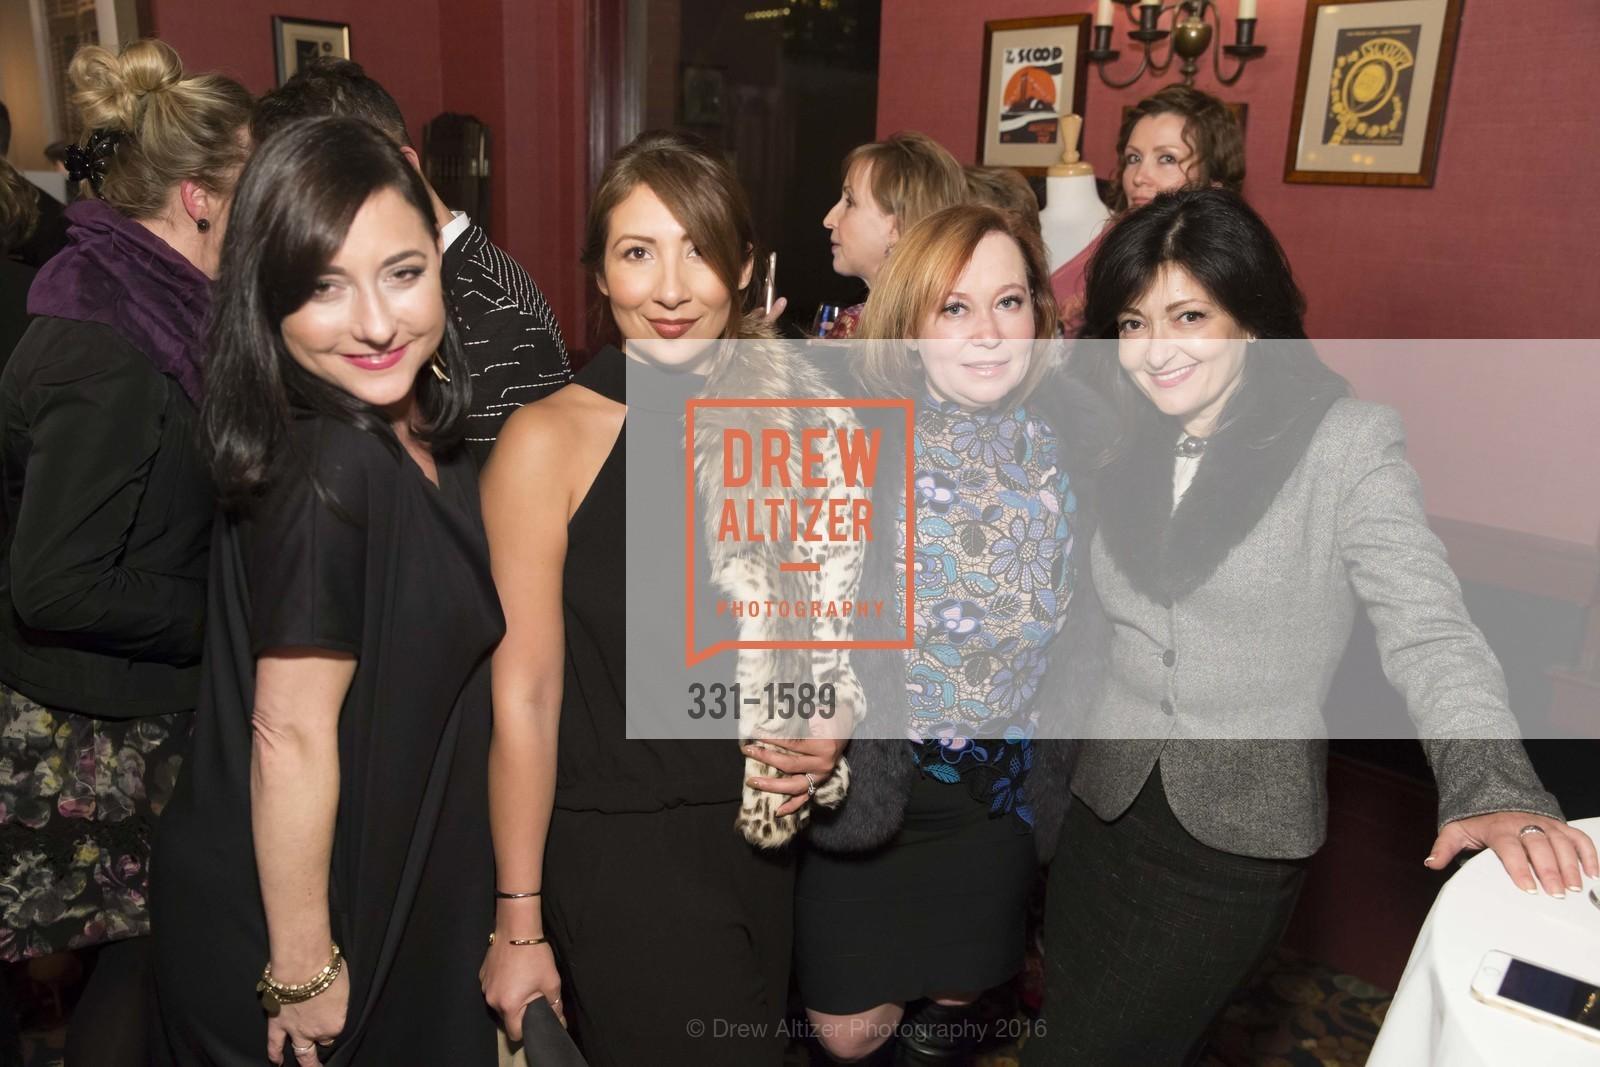 Jamie Pearce, Anita Drew, Julie Butenko, Photo #331-1589